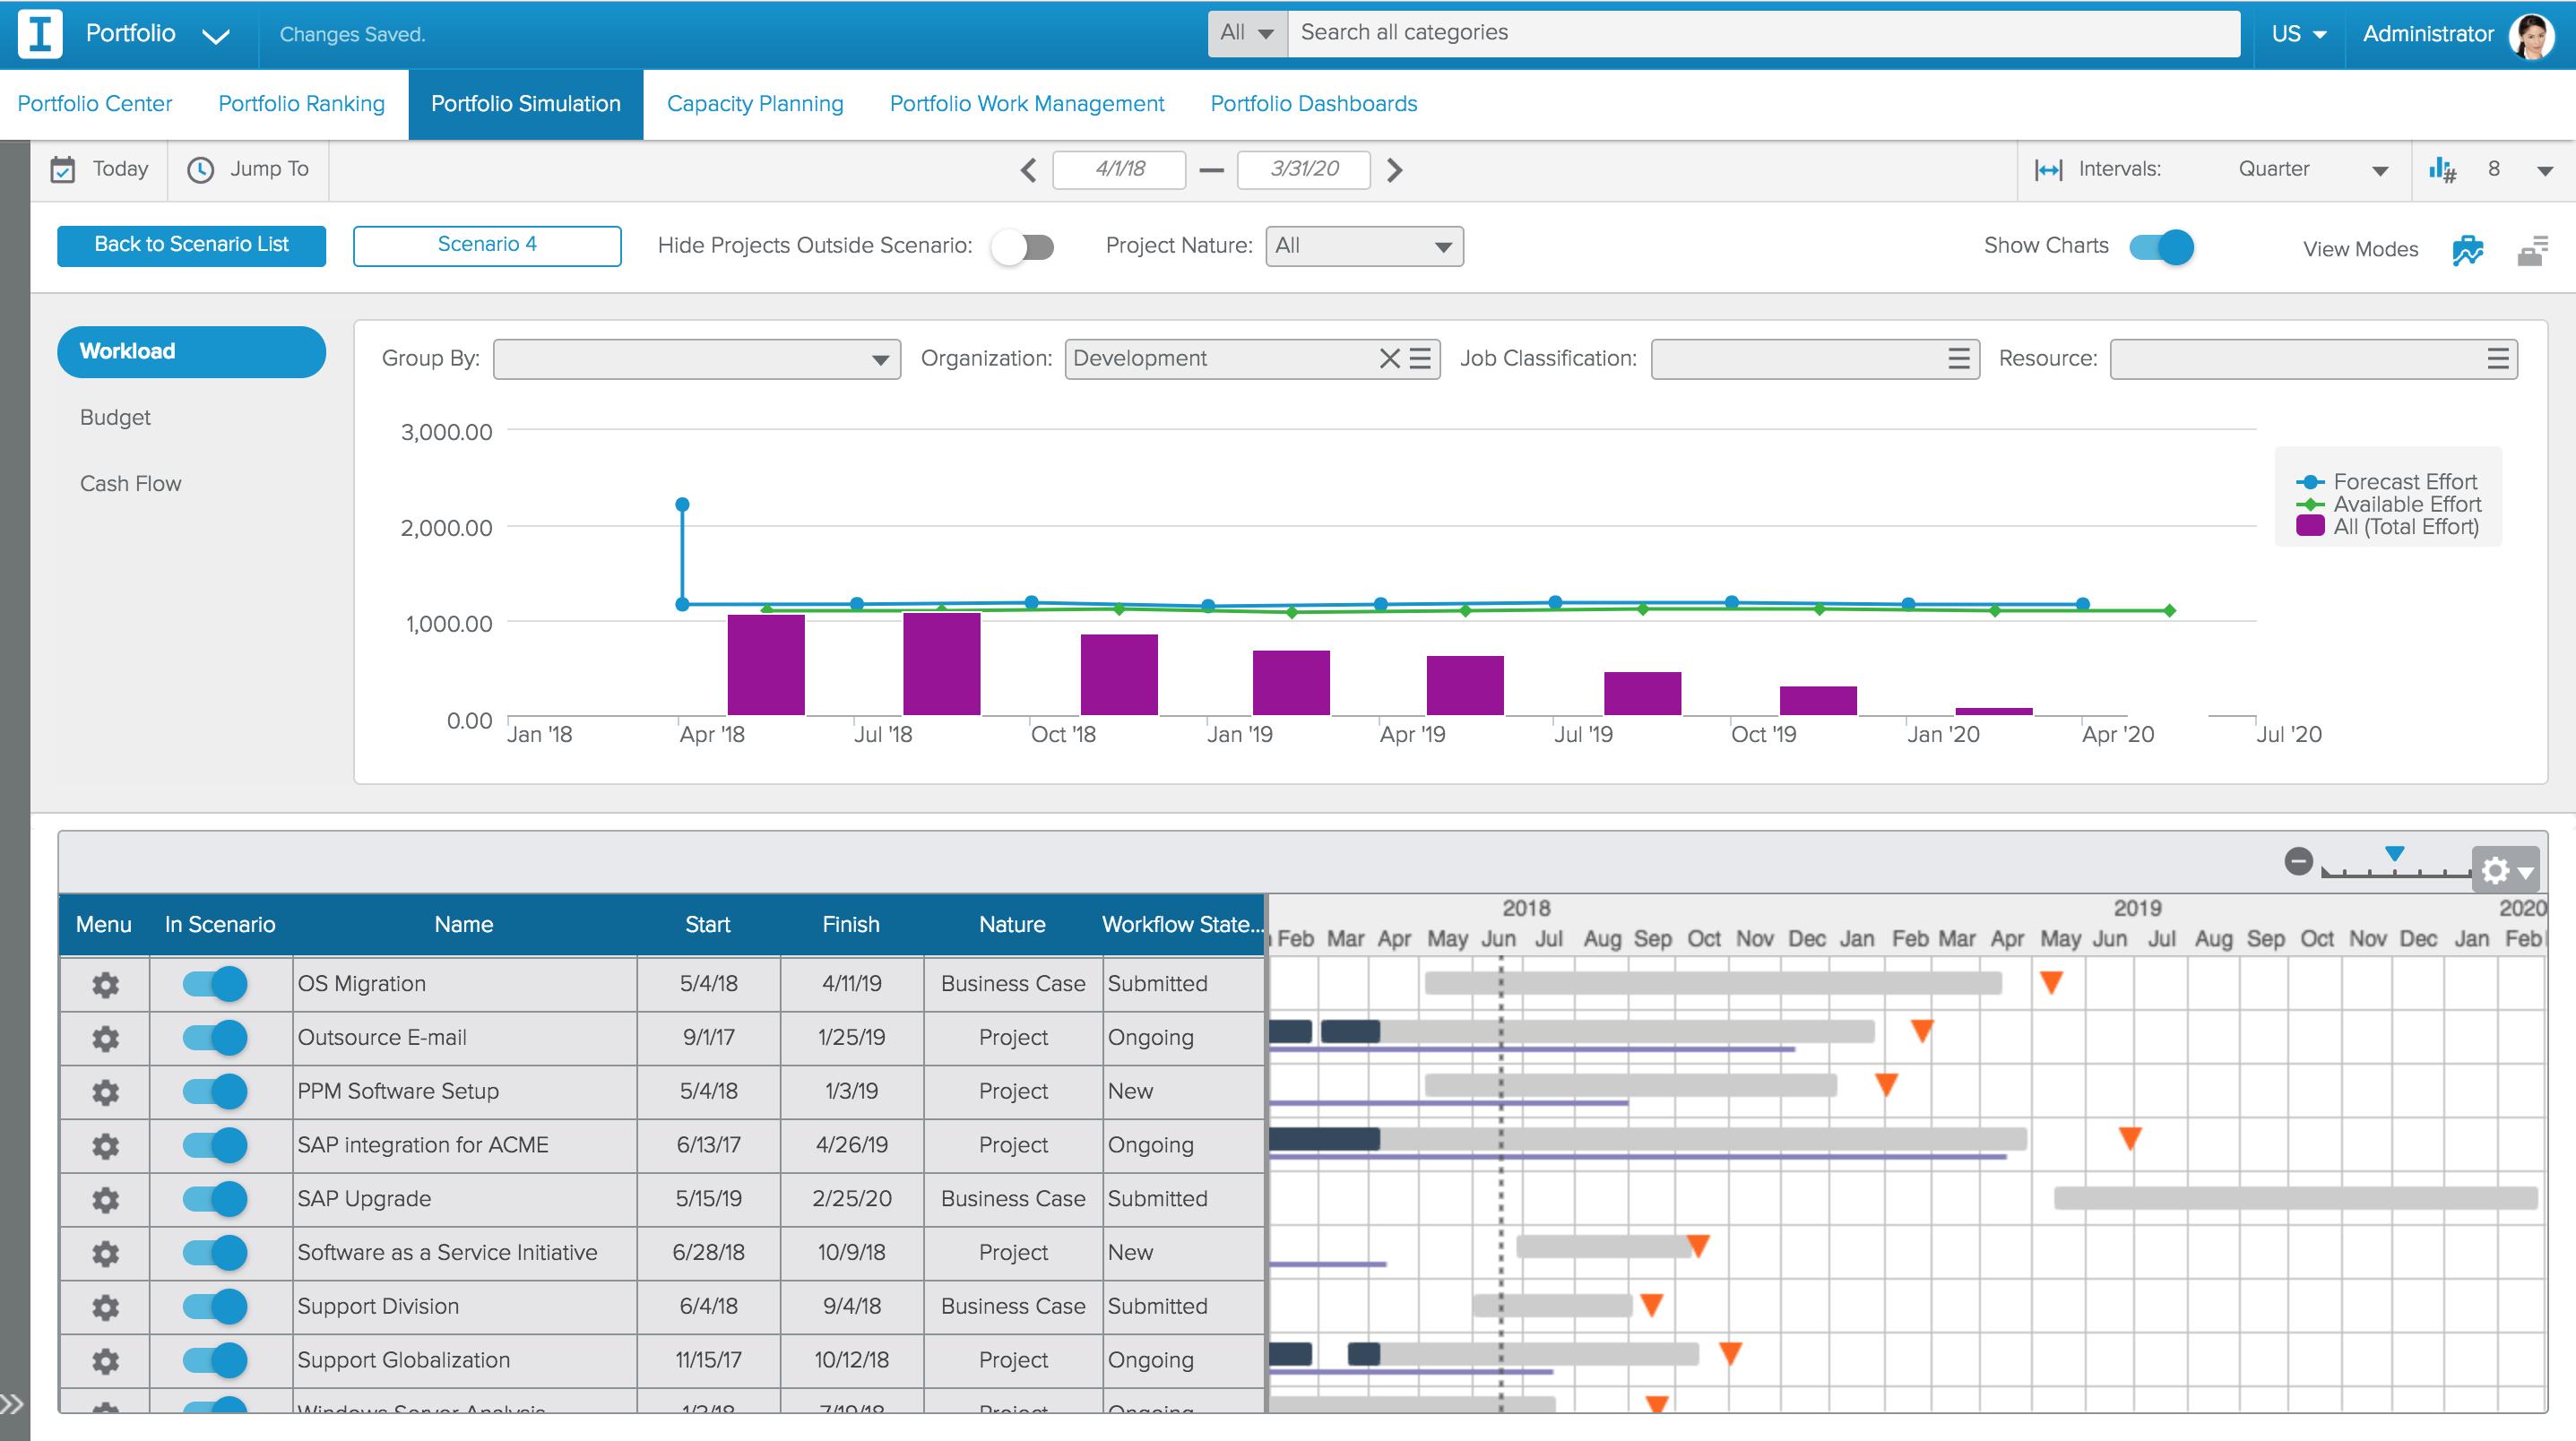 Portfolio Management - Multi Portfolio Simulation